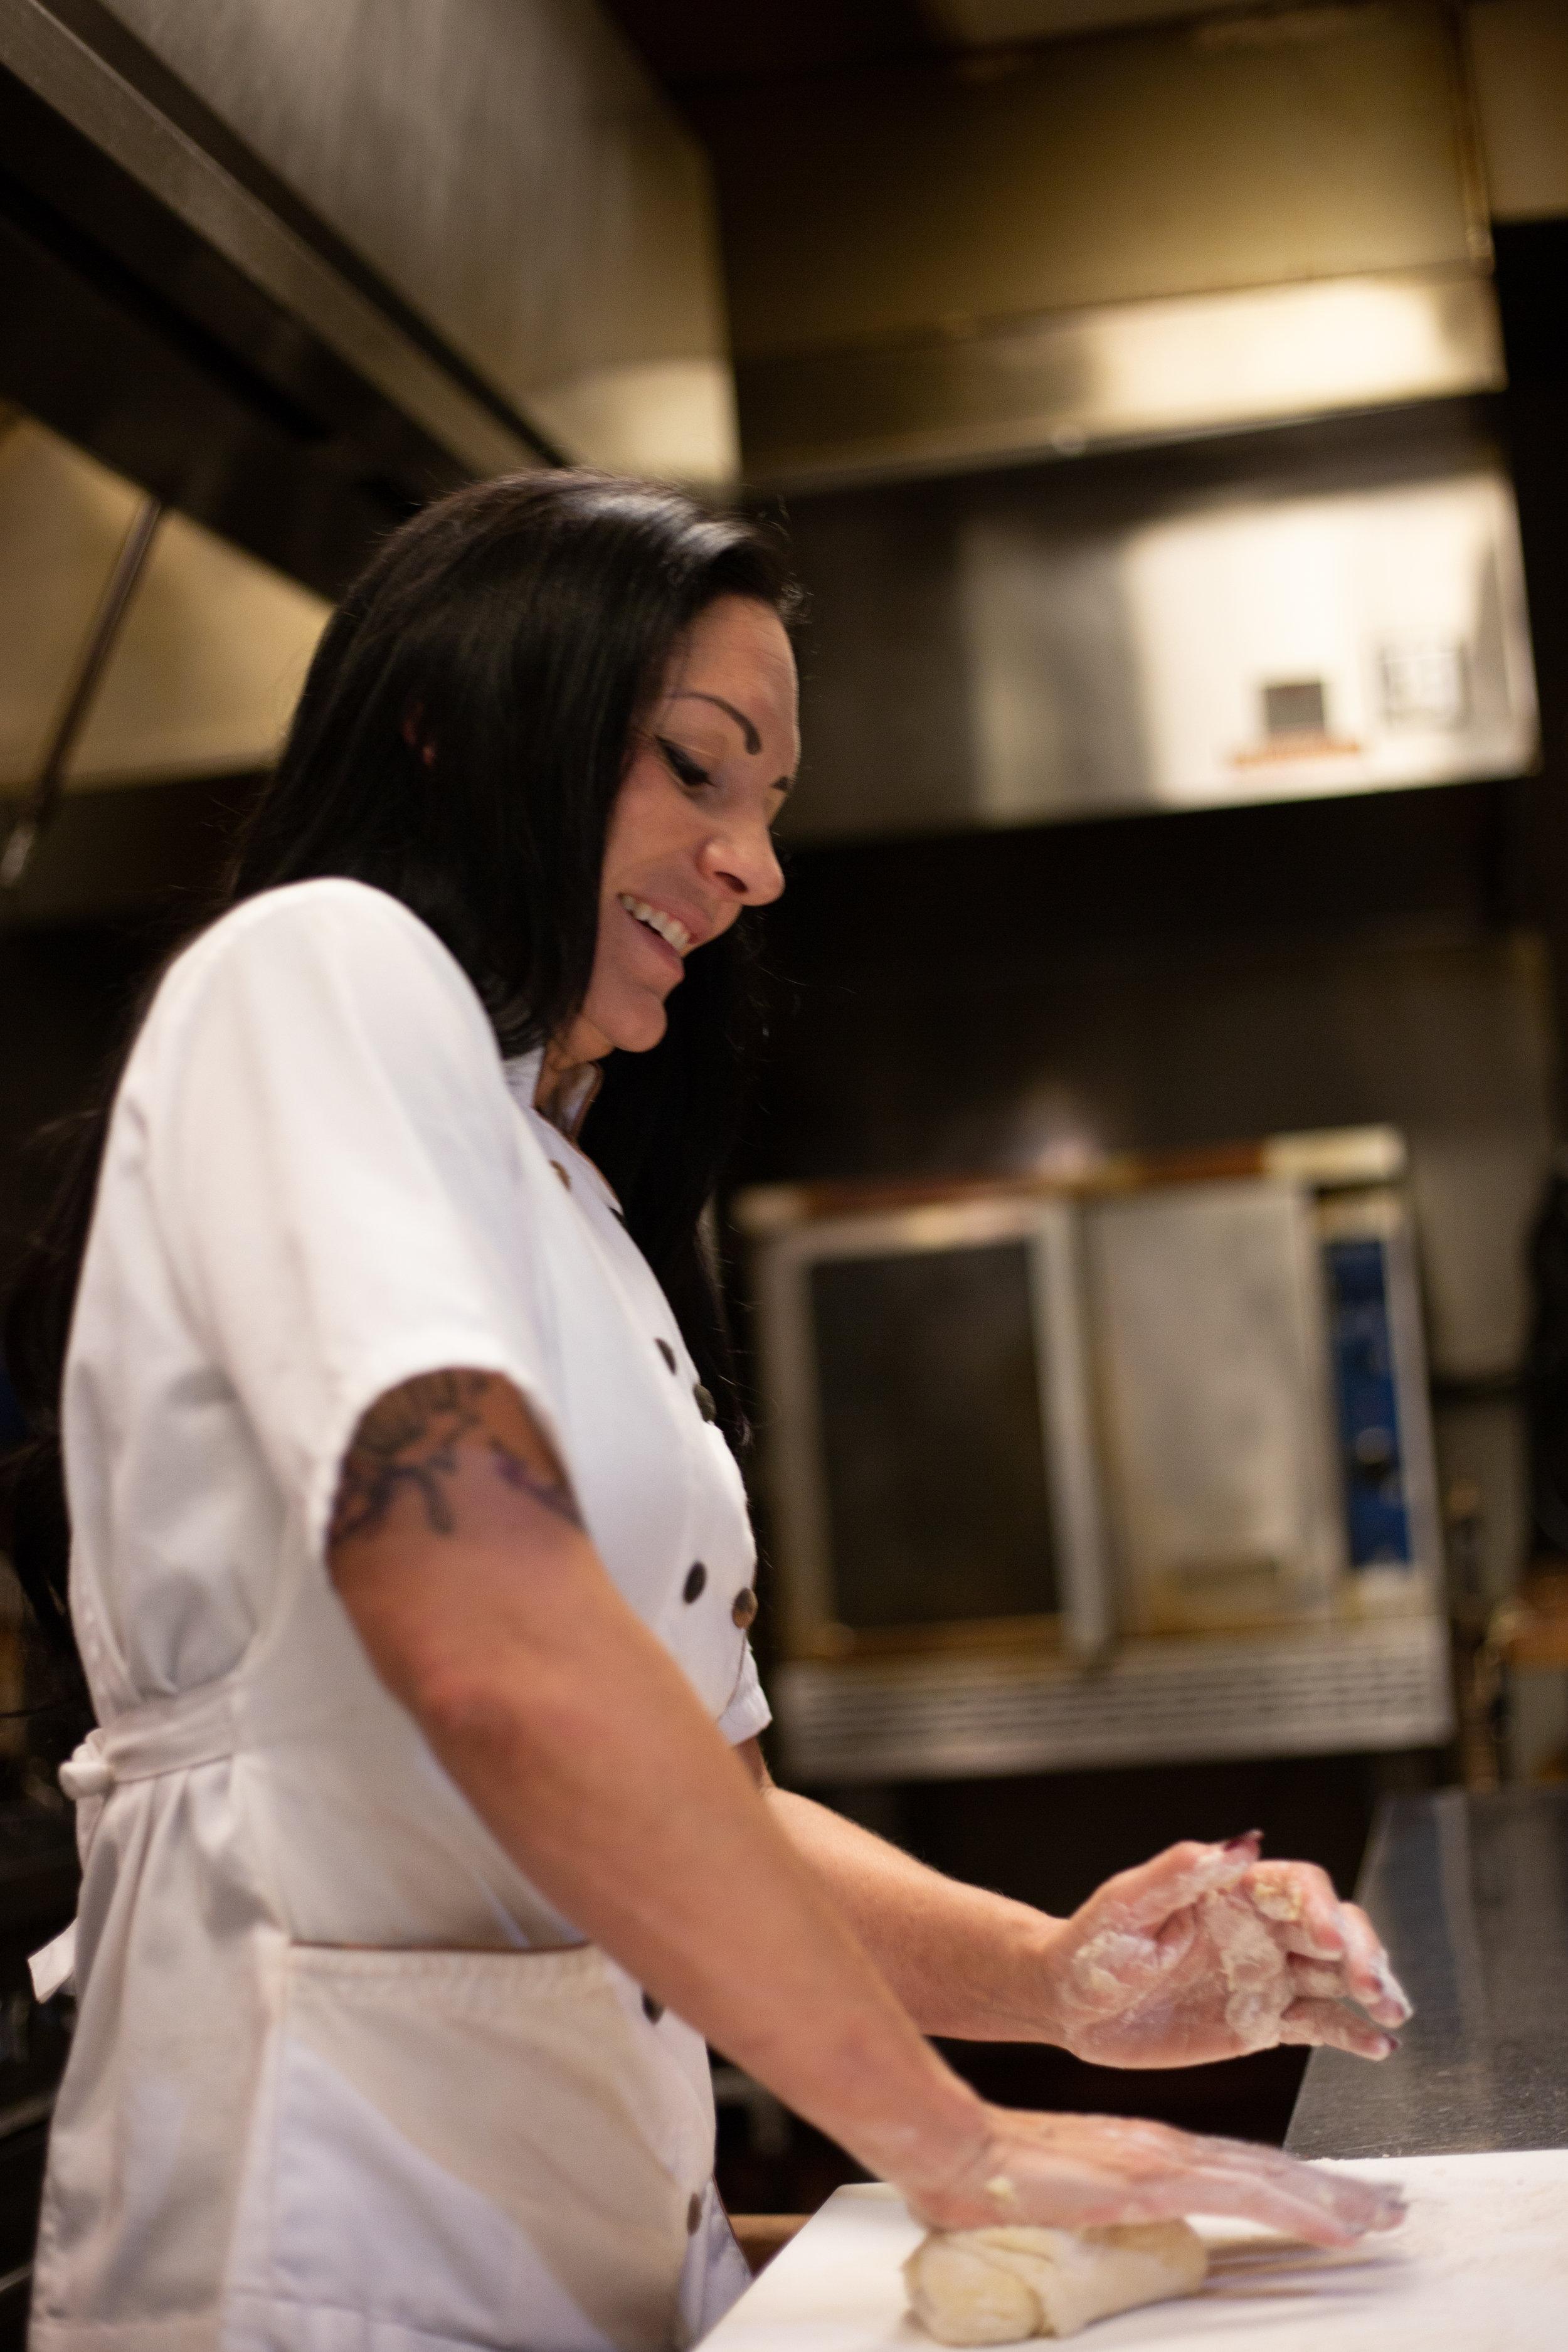 Chef_Emma_Emanuela_Calcara_eBella_Palladio_Nicole_nixon (11 of 50).JPG